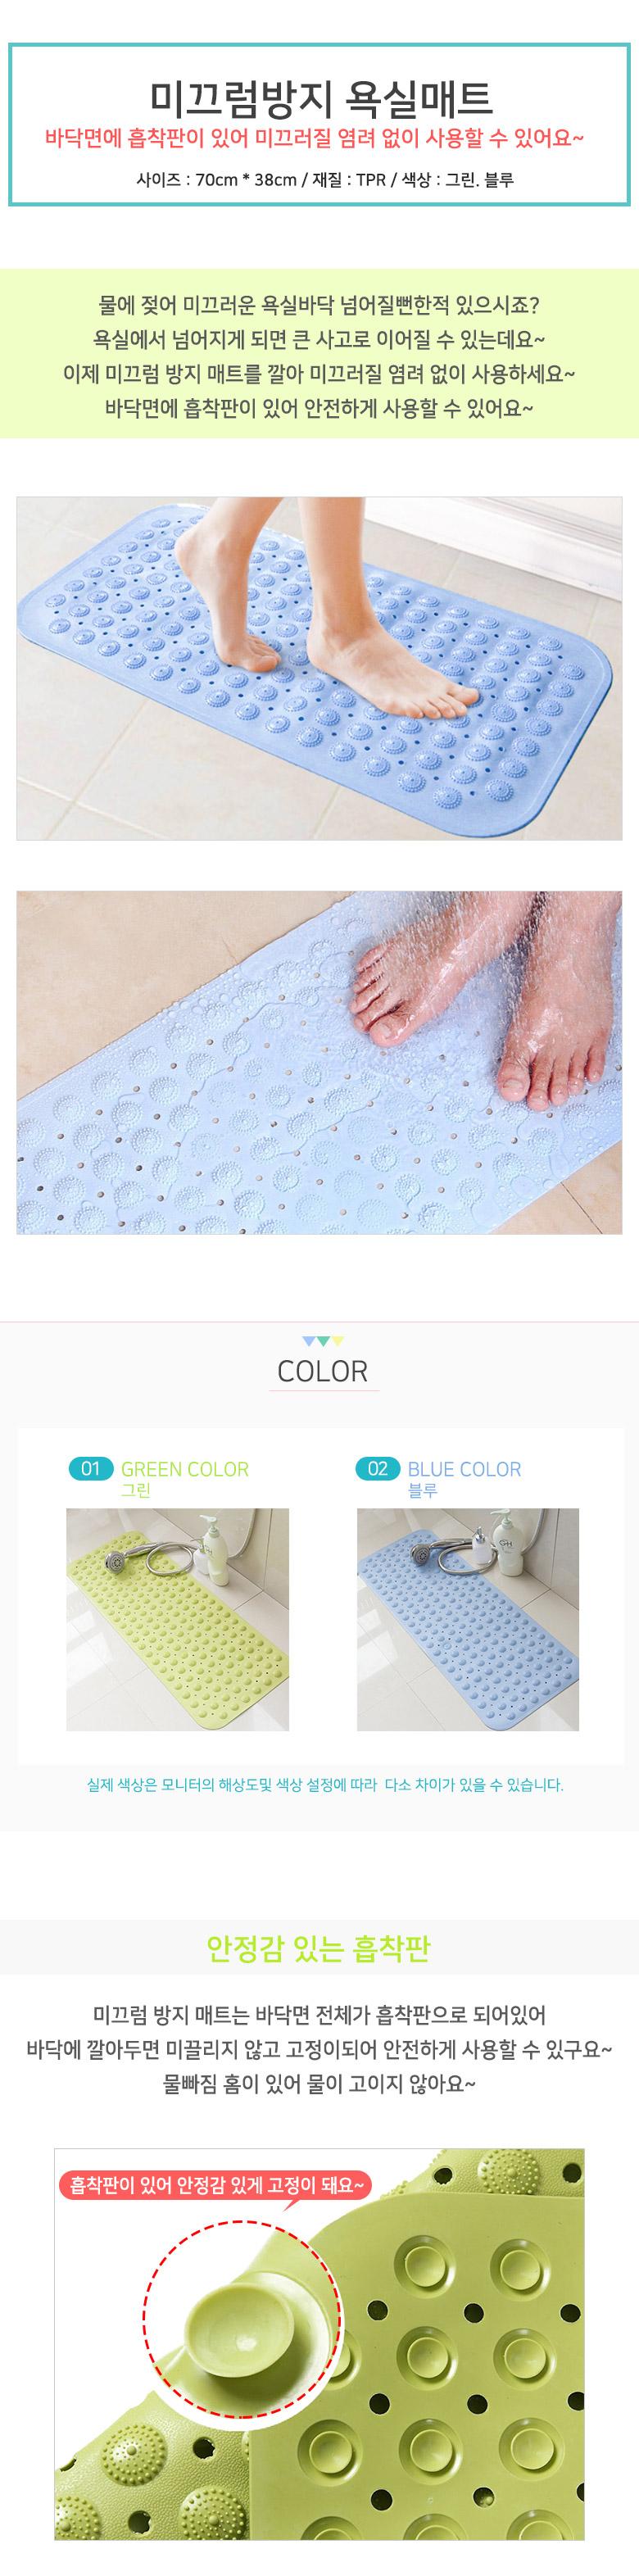 욕실 미끄럼 방지매트 - 삼도, 12,900원, 디자인 발매트, 발매트 세트